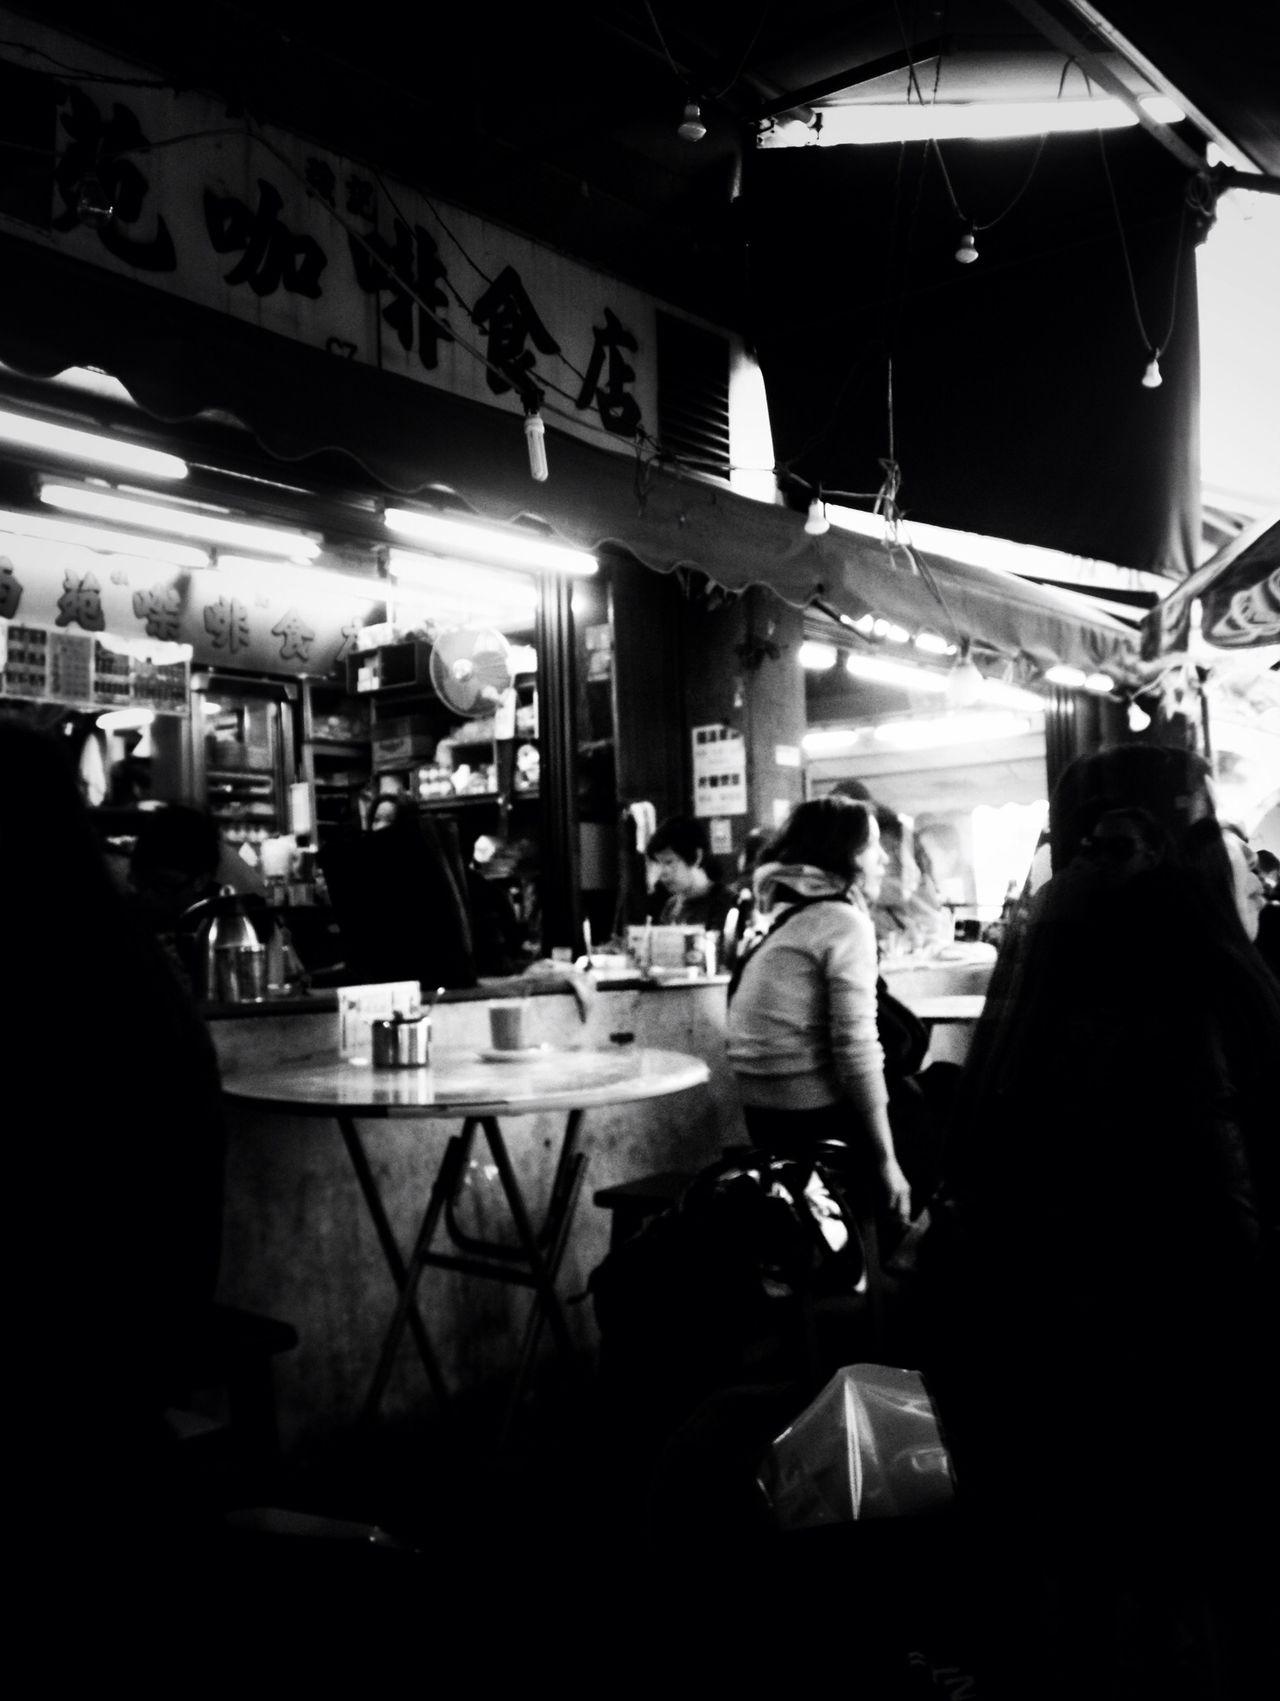 blackandwhite at 西苑強記咖啡食店 Blackandwhite